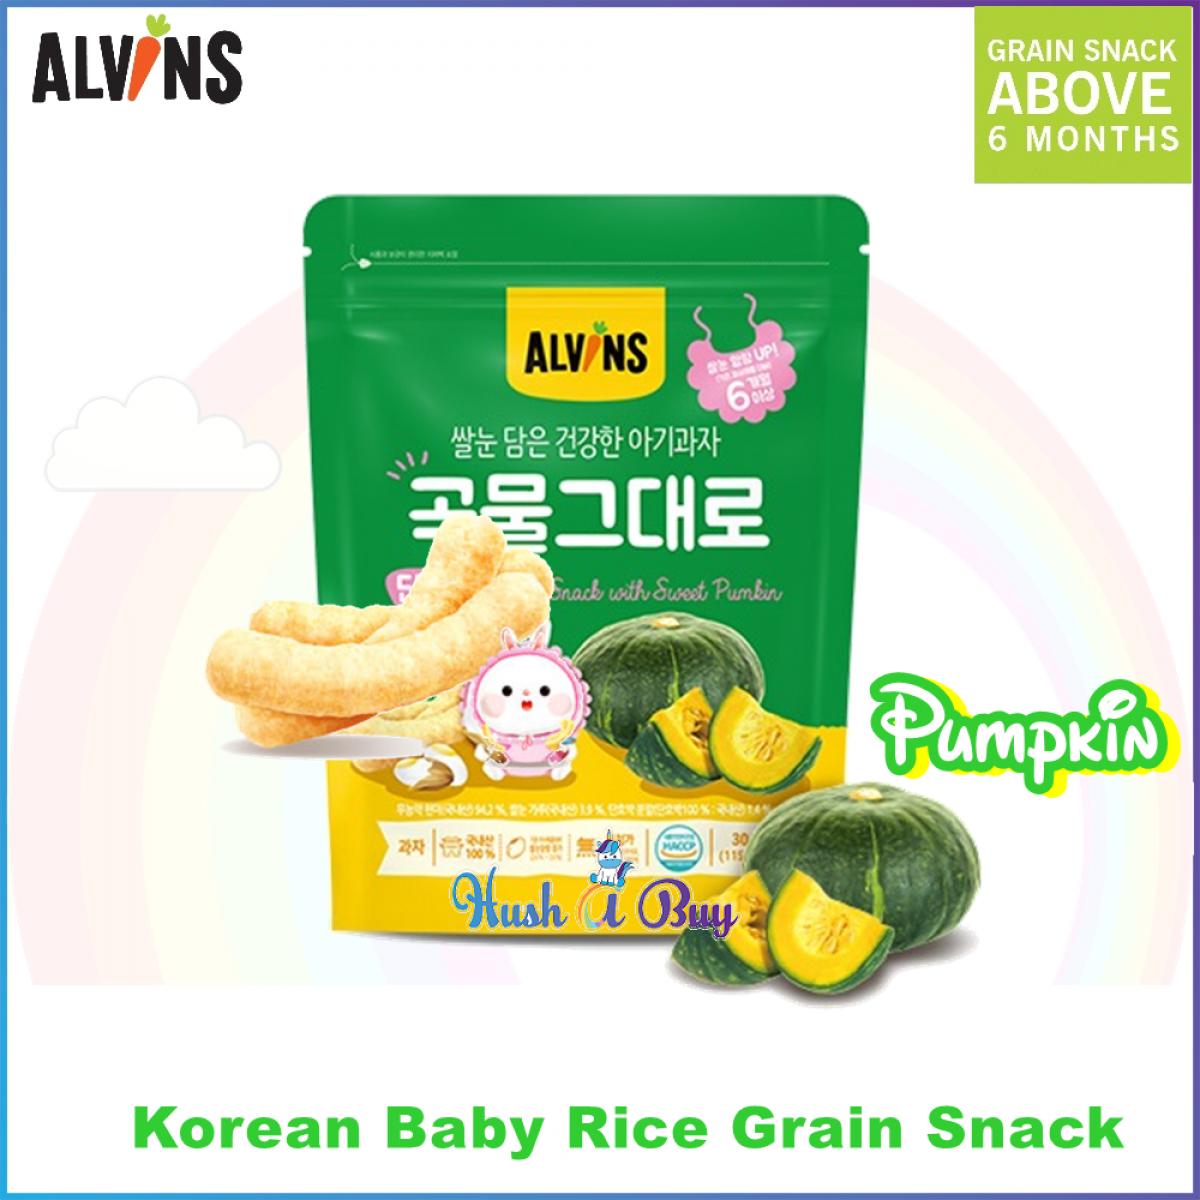 ALVINS Korean Baby Rice Snack for 6 Months Brocolli / Purple Sweet Potatoes / Sweet Pumpkin